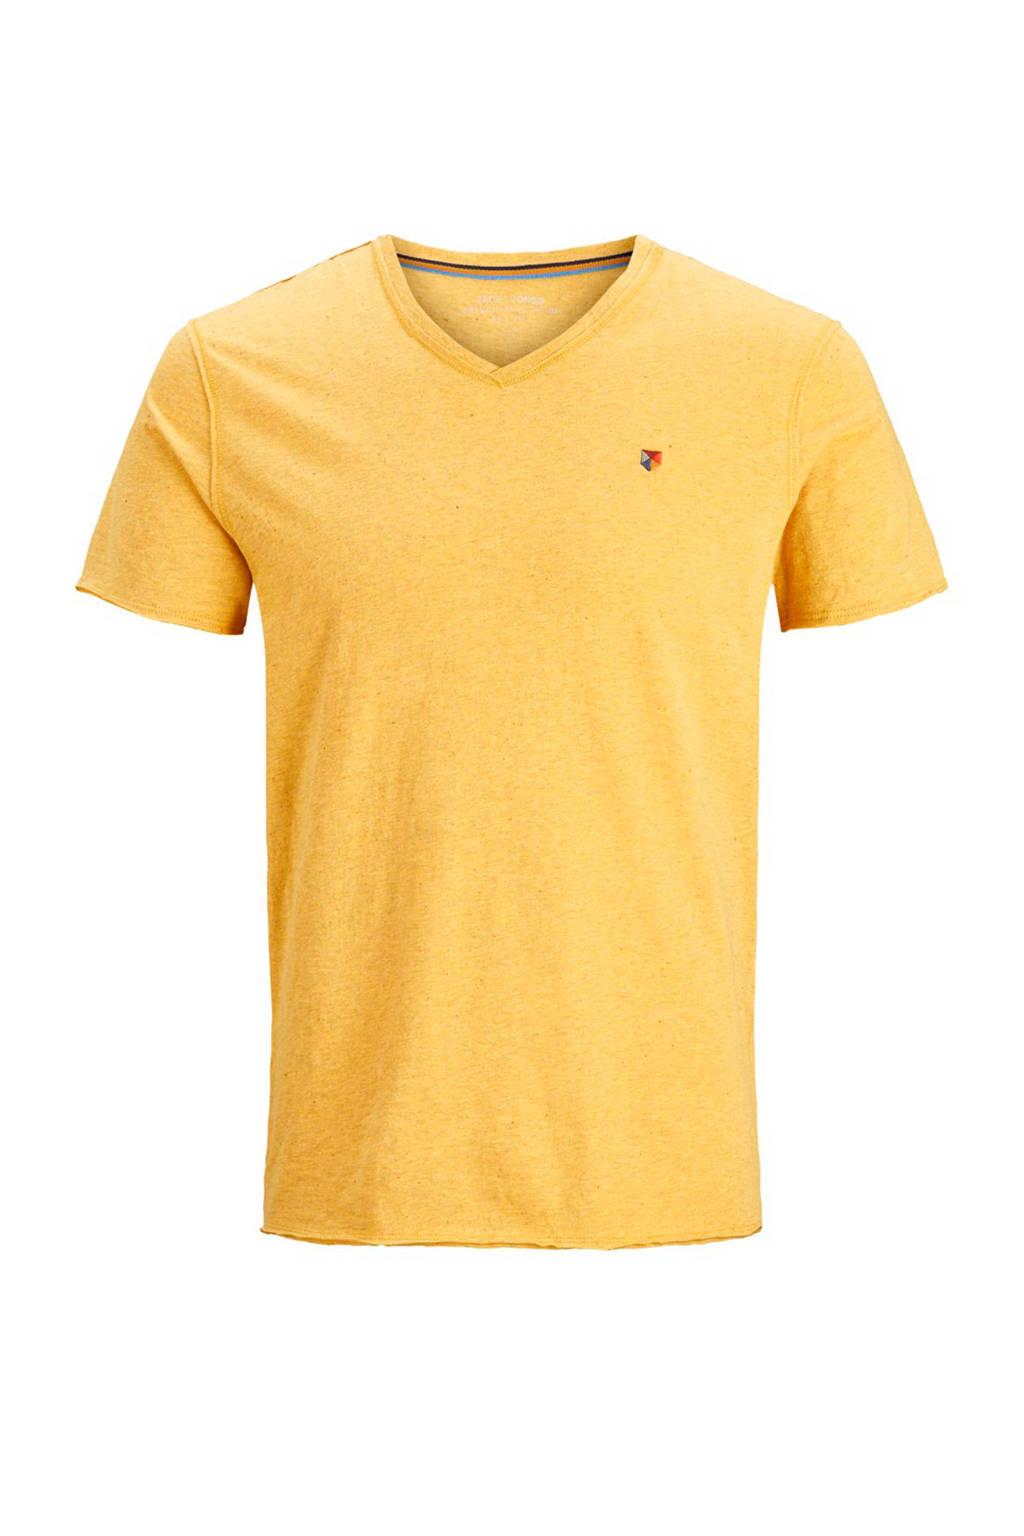 Jack & Jones Premium T-shirt, Geel